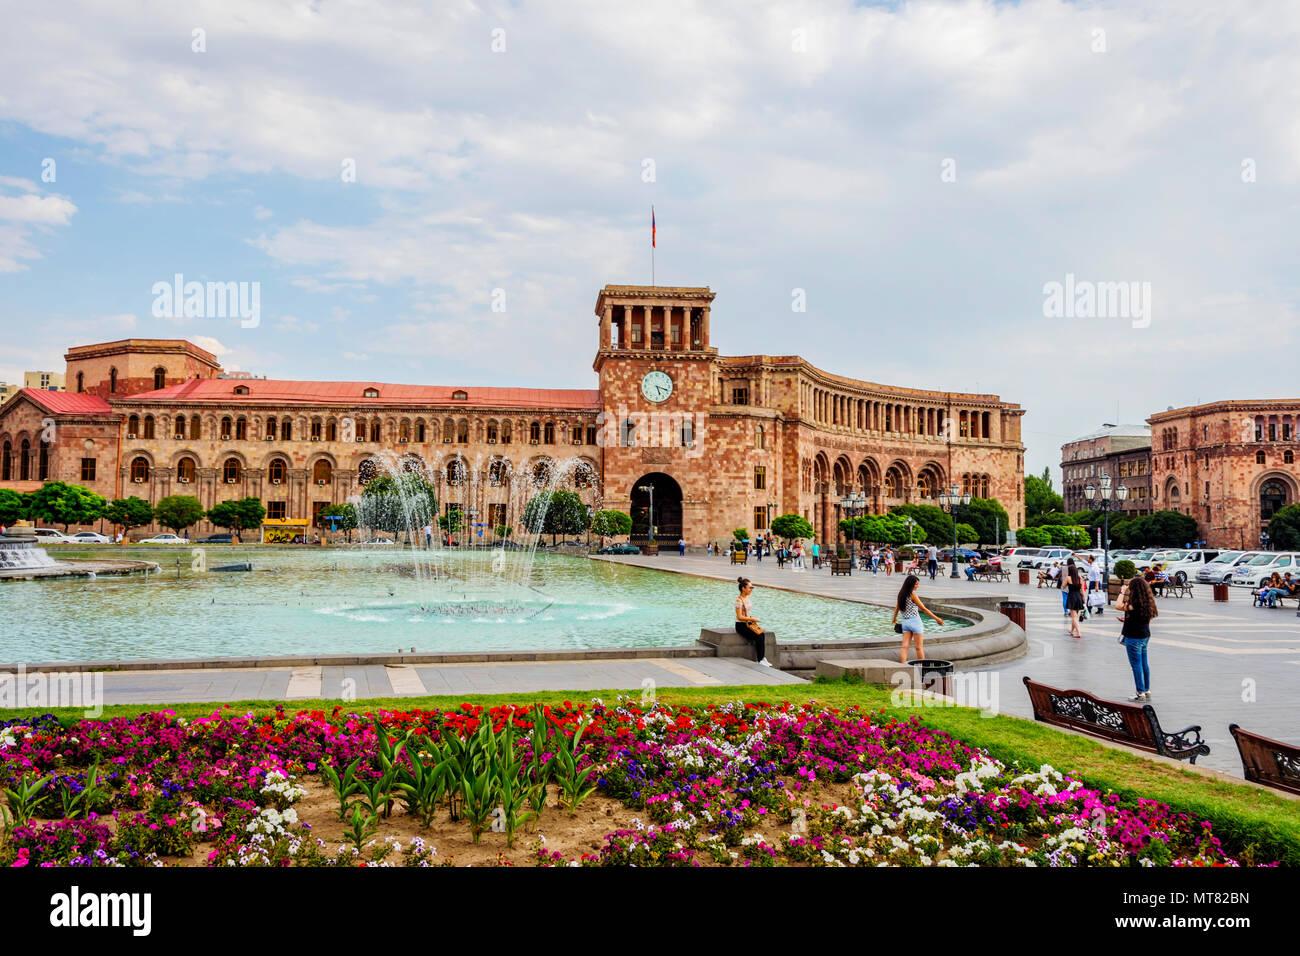 Yerevan Armenien August 2 Platz Der Republik Mit Dem Brunnen Und Uhrturm In Armenien Hauptstadt August 2017 Stockfotografie Alamy